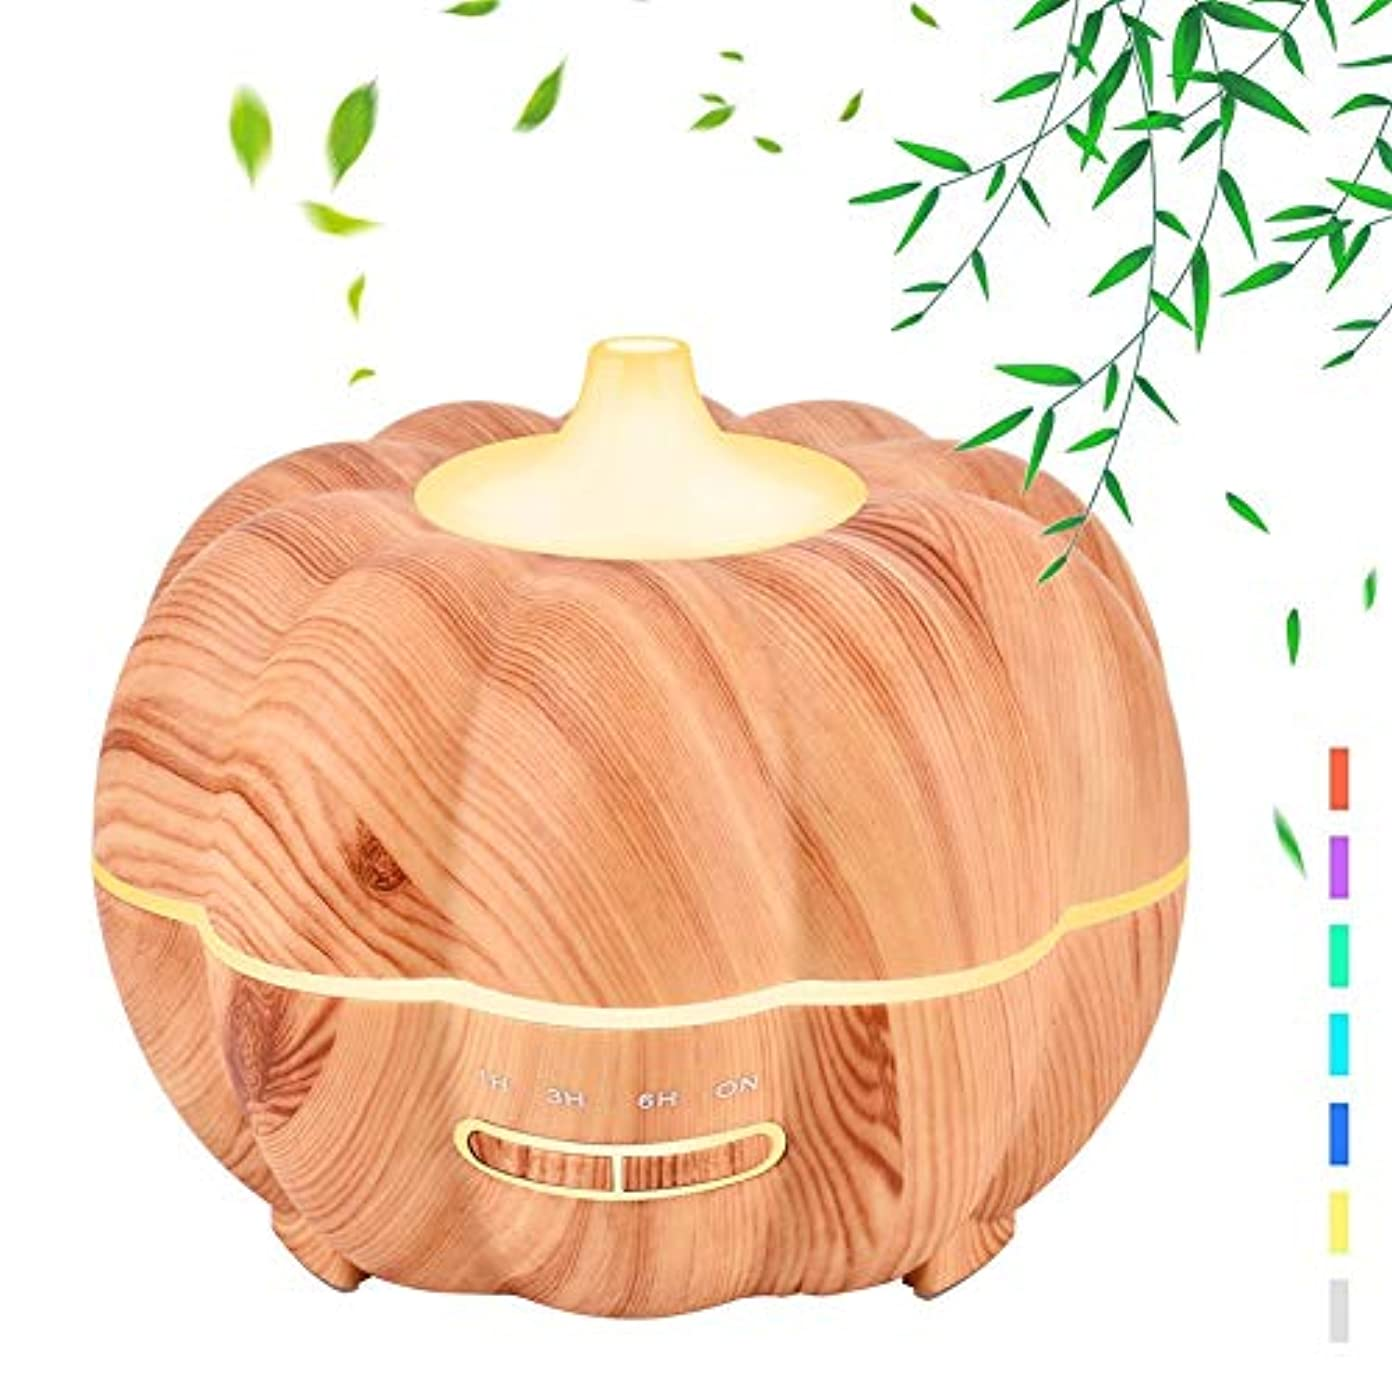 まっすぐにするキャッチ保険300ミリリットル木材穀物エッセンシャルオイルディフューザー、加湿器超音波アロマセラピーアロマセラピーディフューザー加湿器、静かな操作、7色フレグランスランプ、ホームオフィス用ヨガスパ,Lightwoodgrain